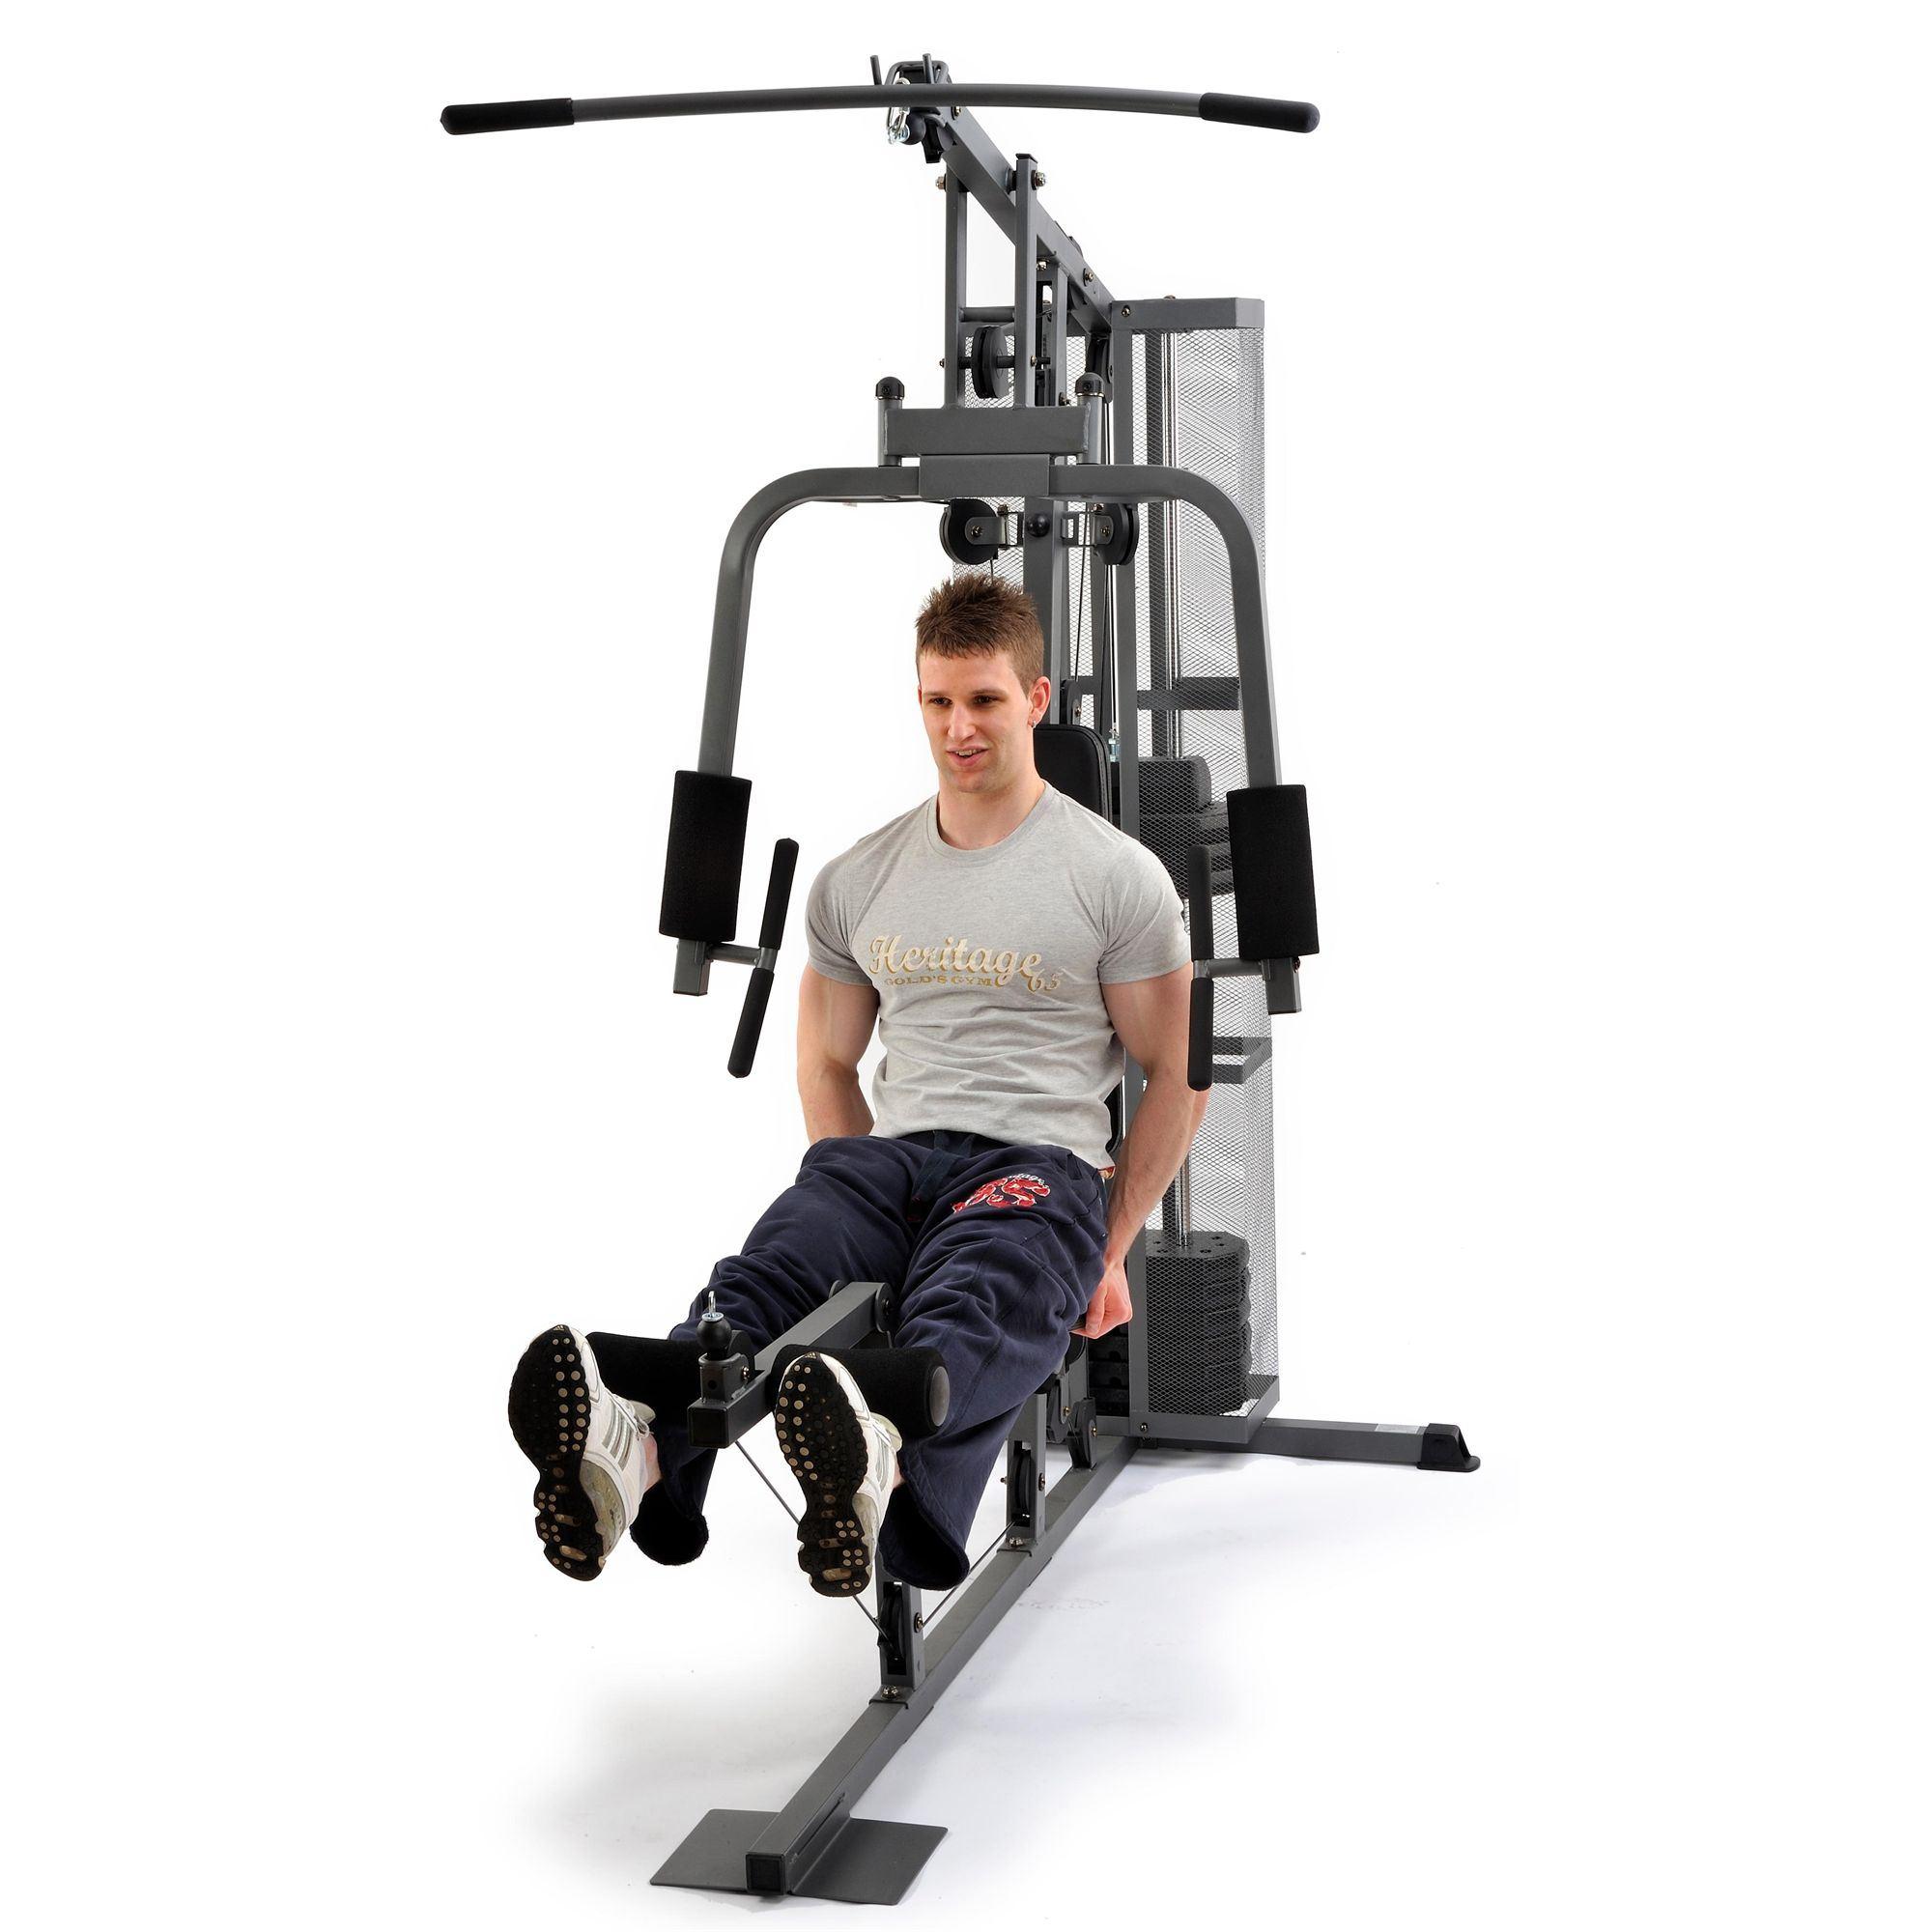 Hoist Gym H210: Golds Gym Multi Gym